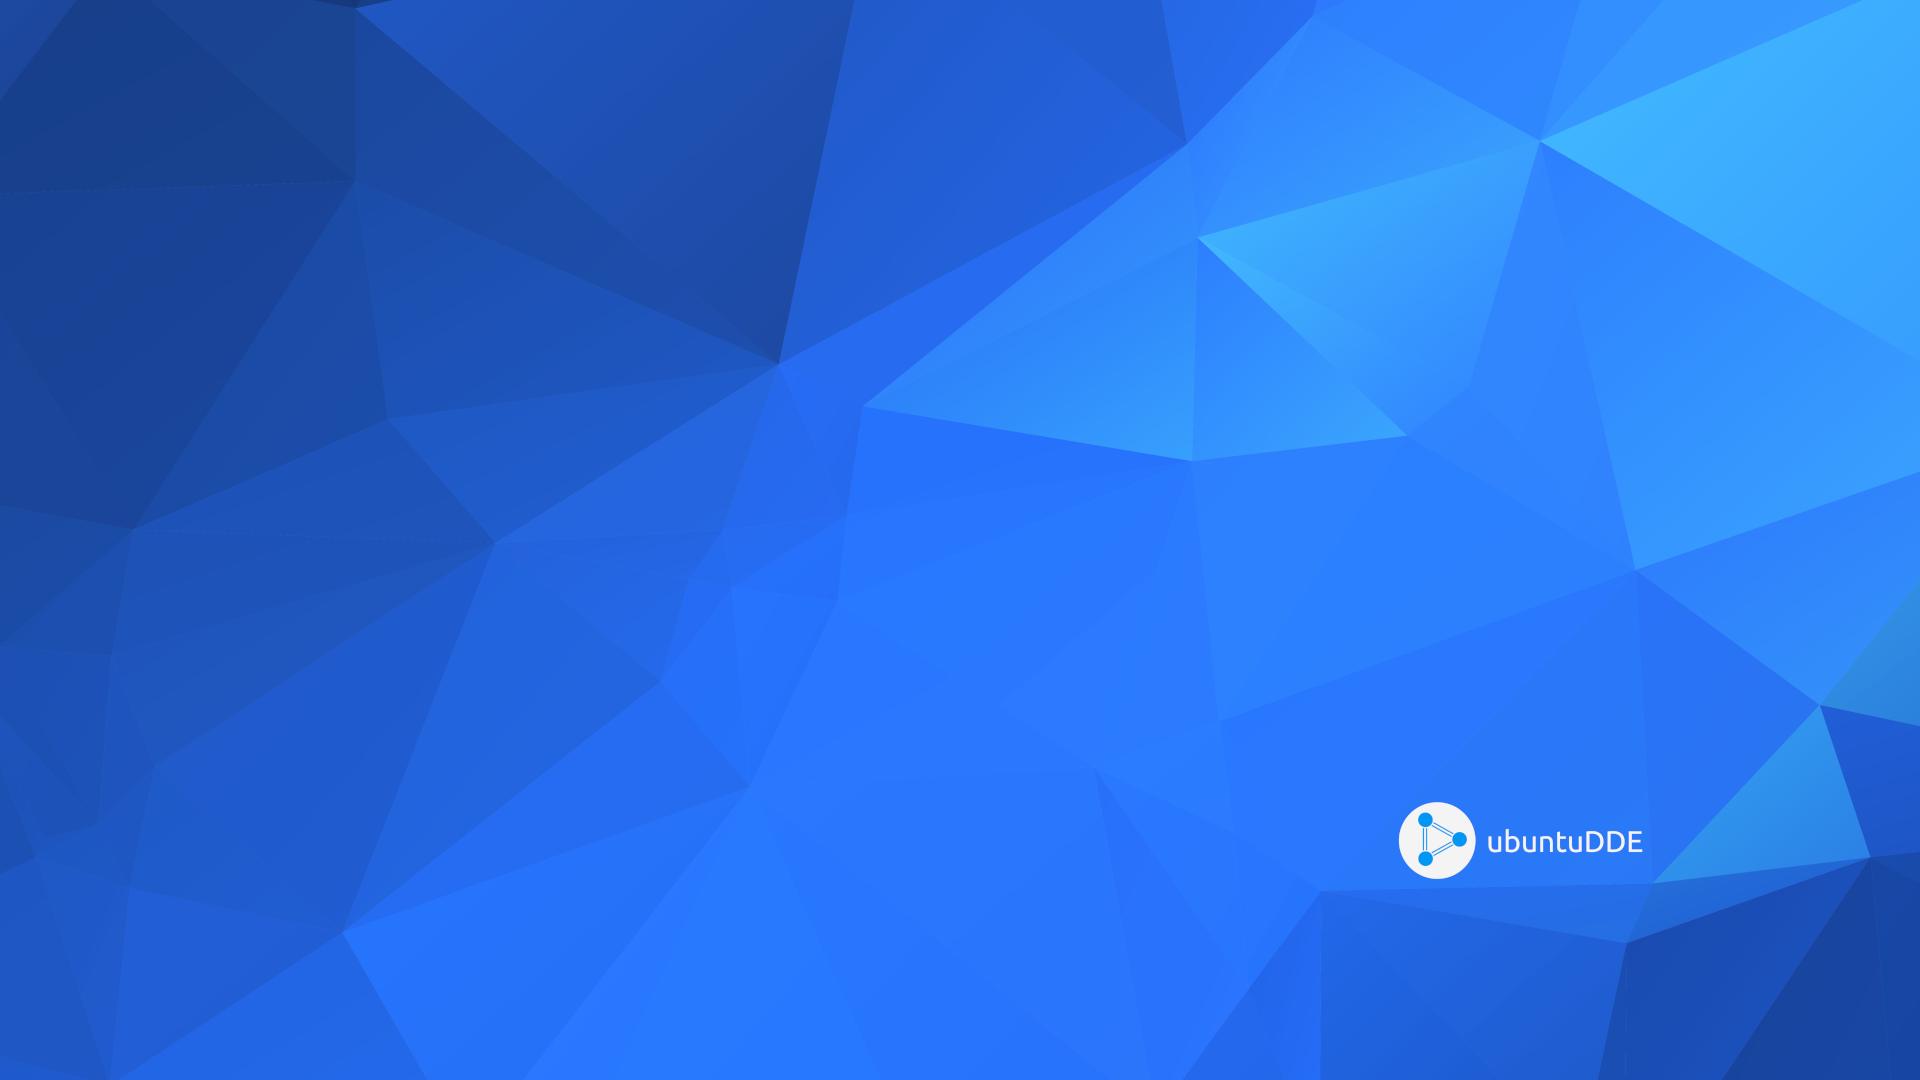 UbuntuDDE: замечательный гибрид - 1